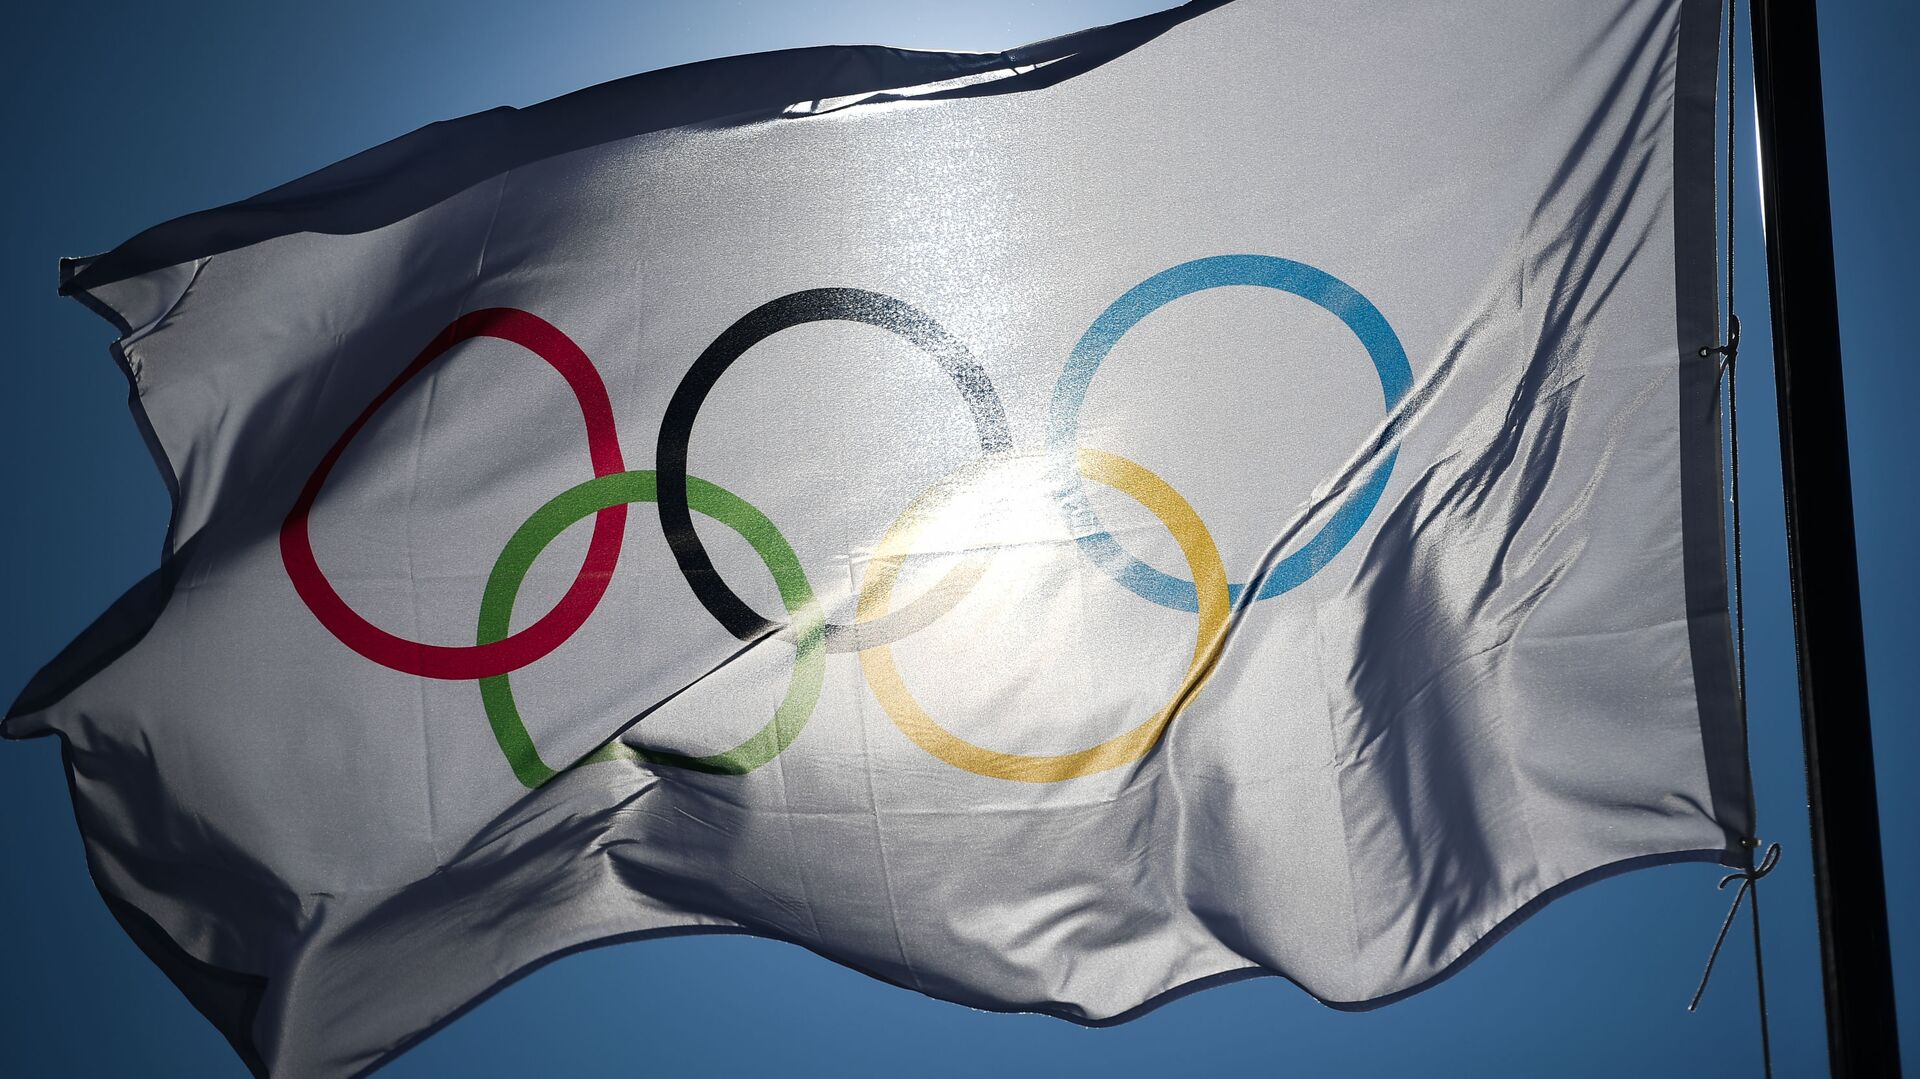 Олимпийский флаг, архивное фото - Sputnik Беларусь, 1920, 22.04.2021